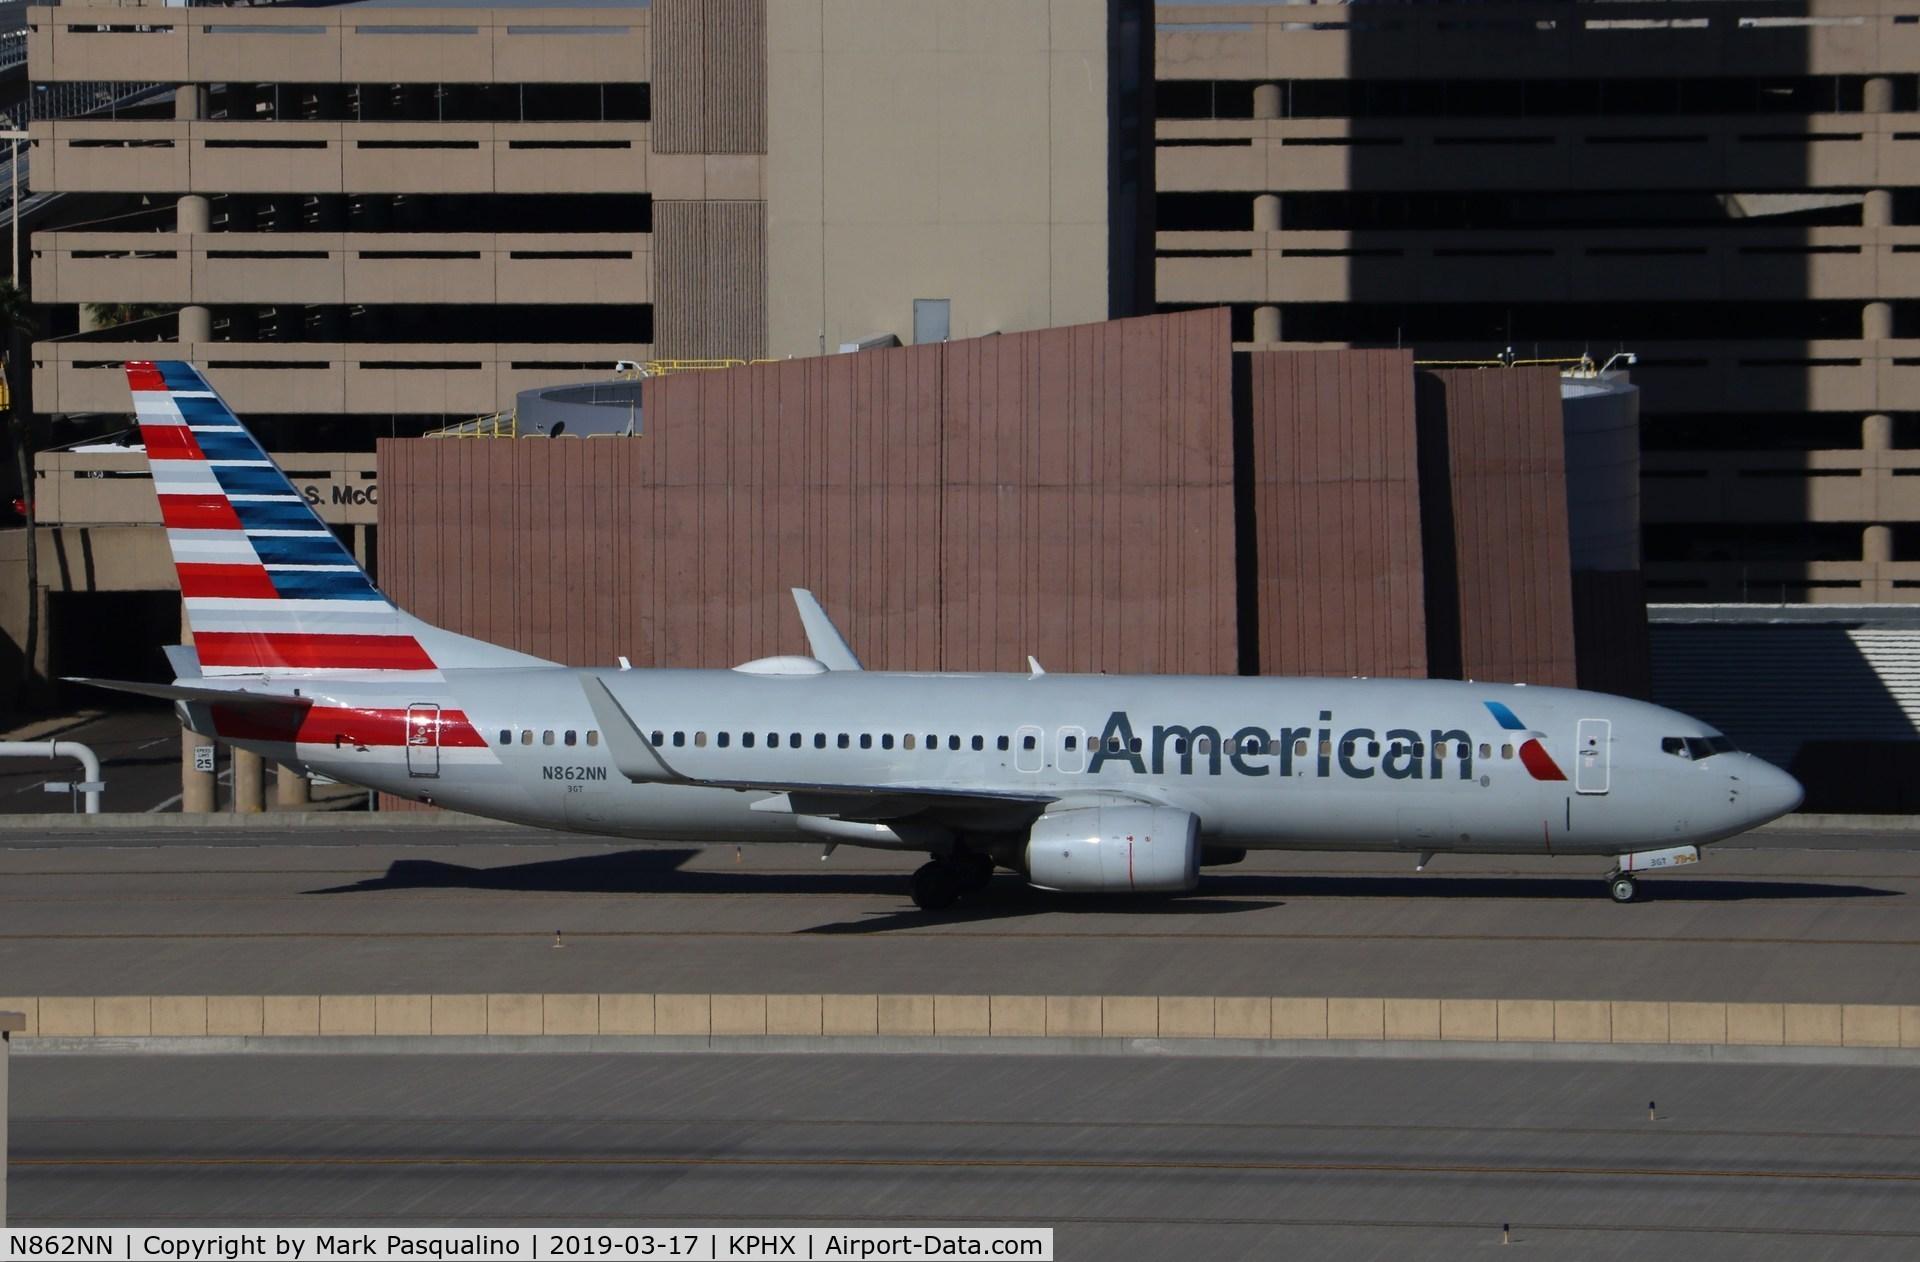 N862NN, 2010 Boeing 737-823 C/N 30905, Boeing 737-823